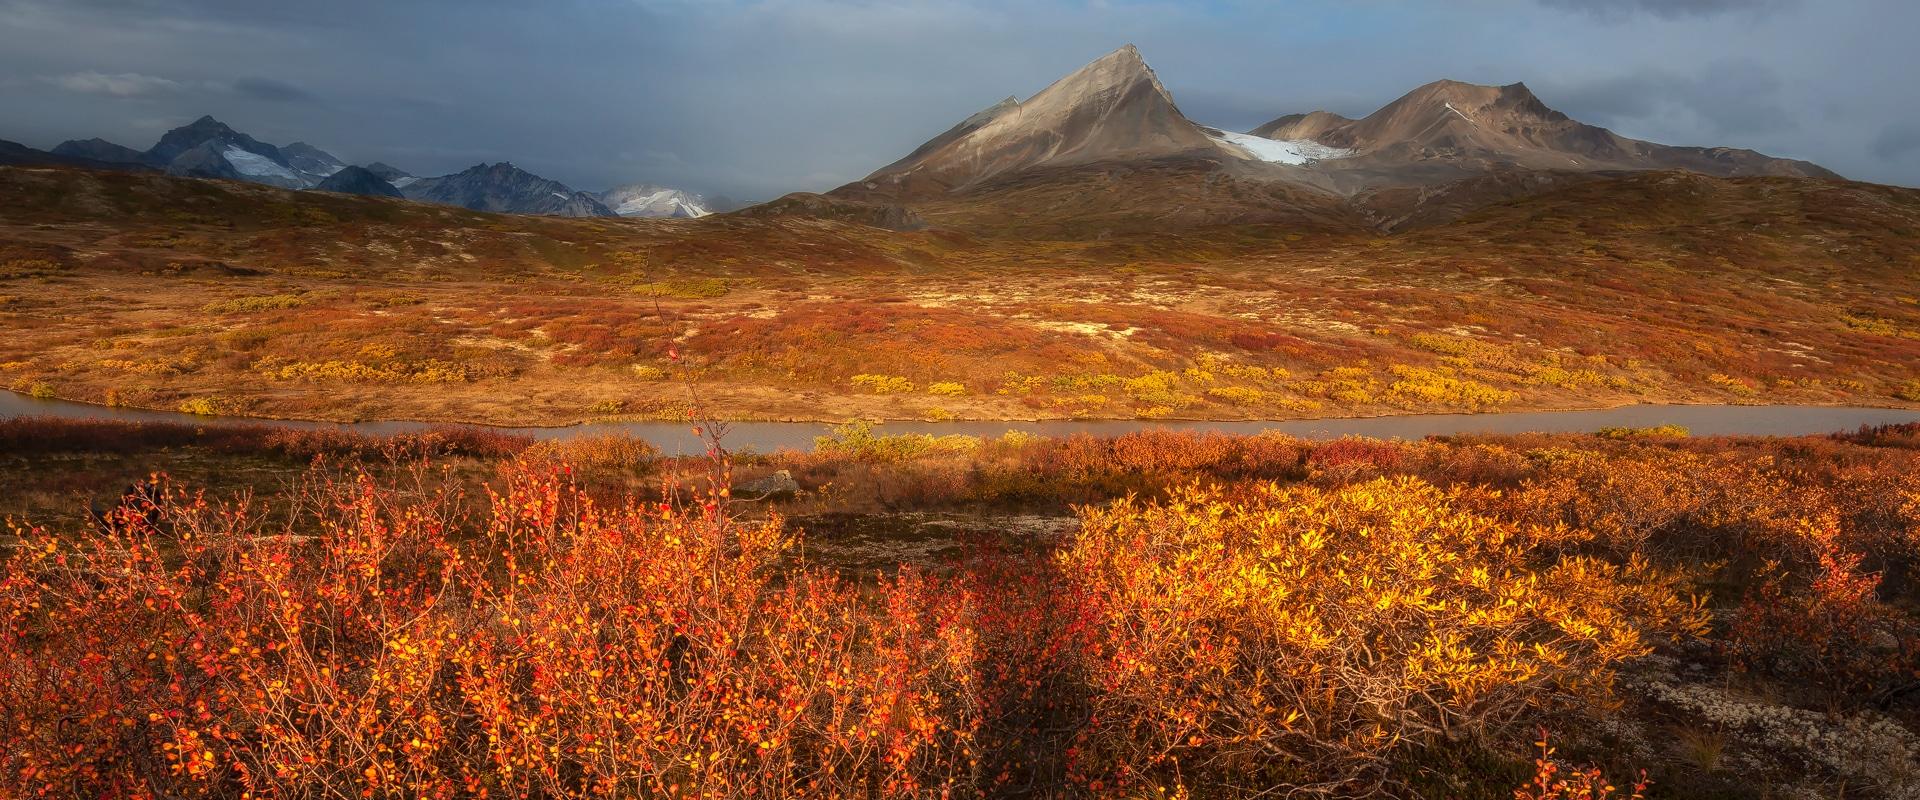 Herbst Wander- und Fotoreise